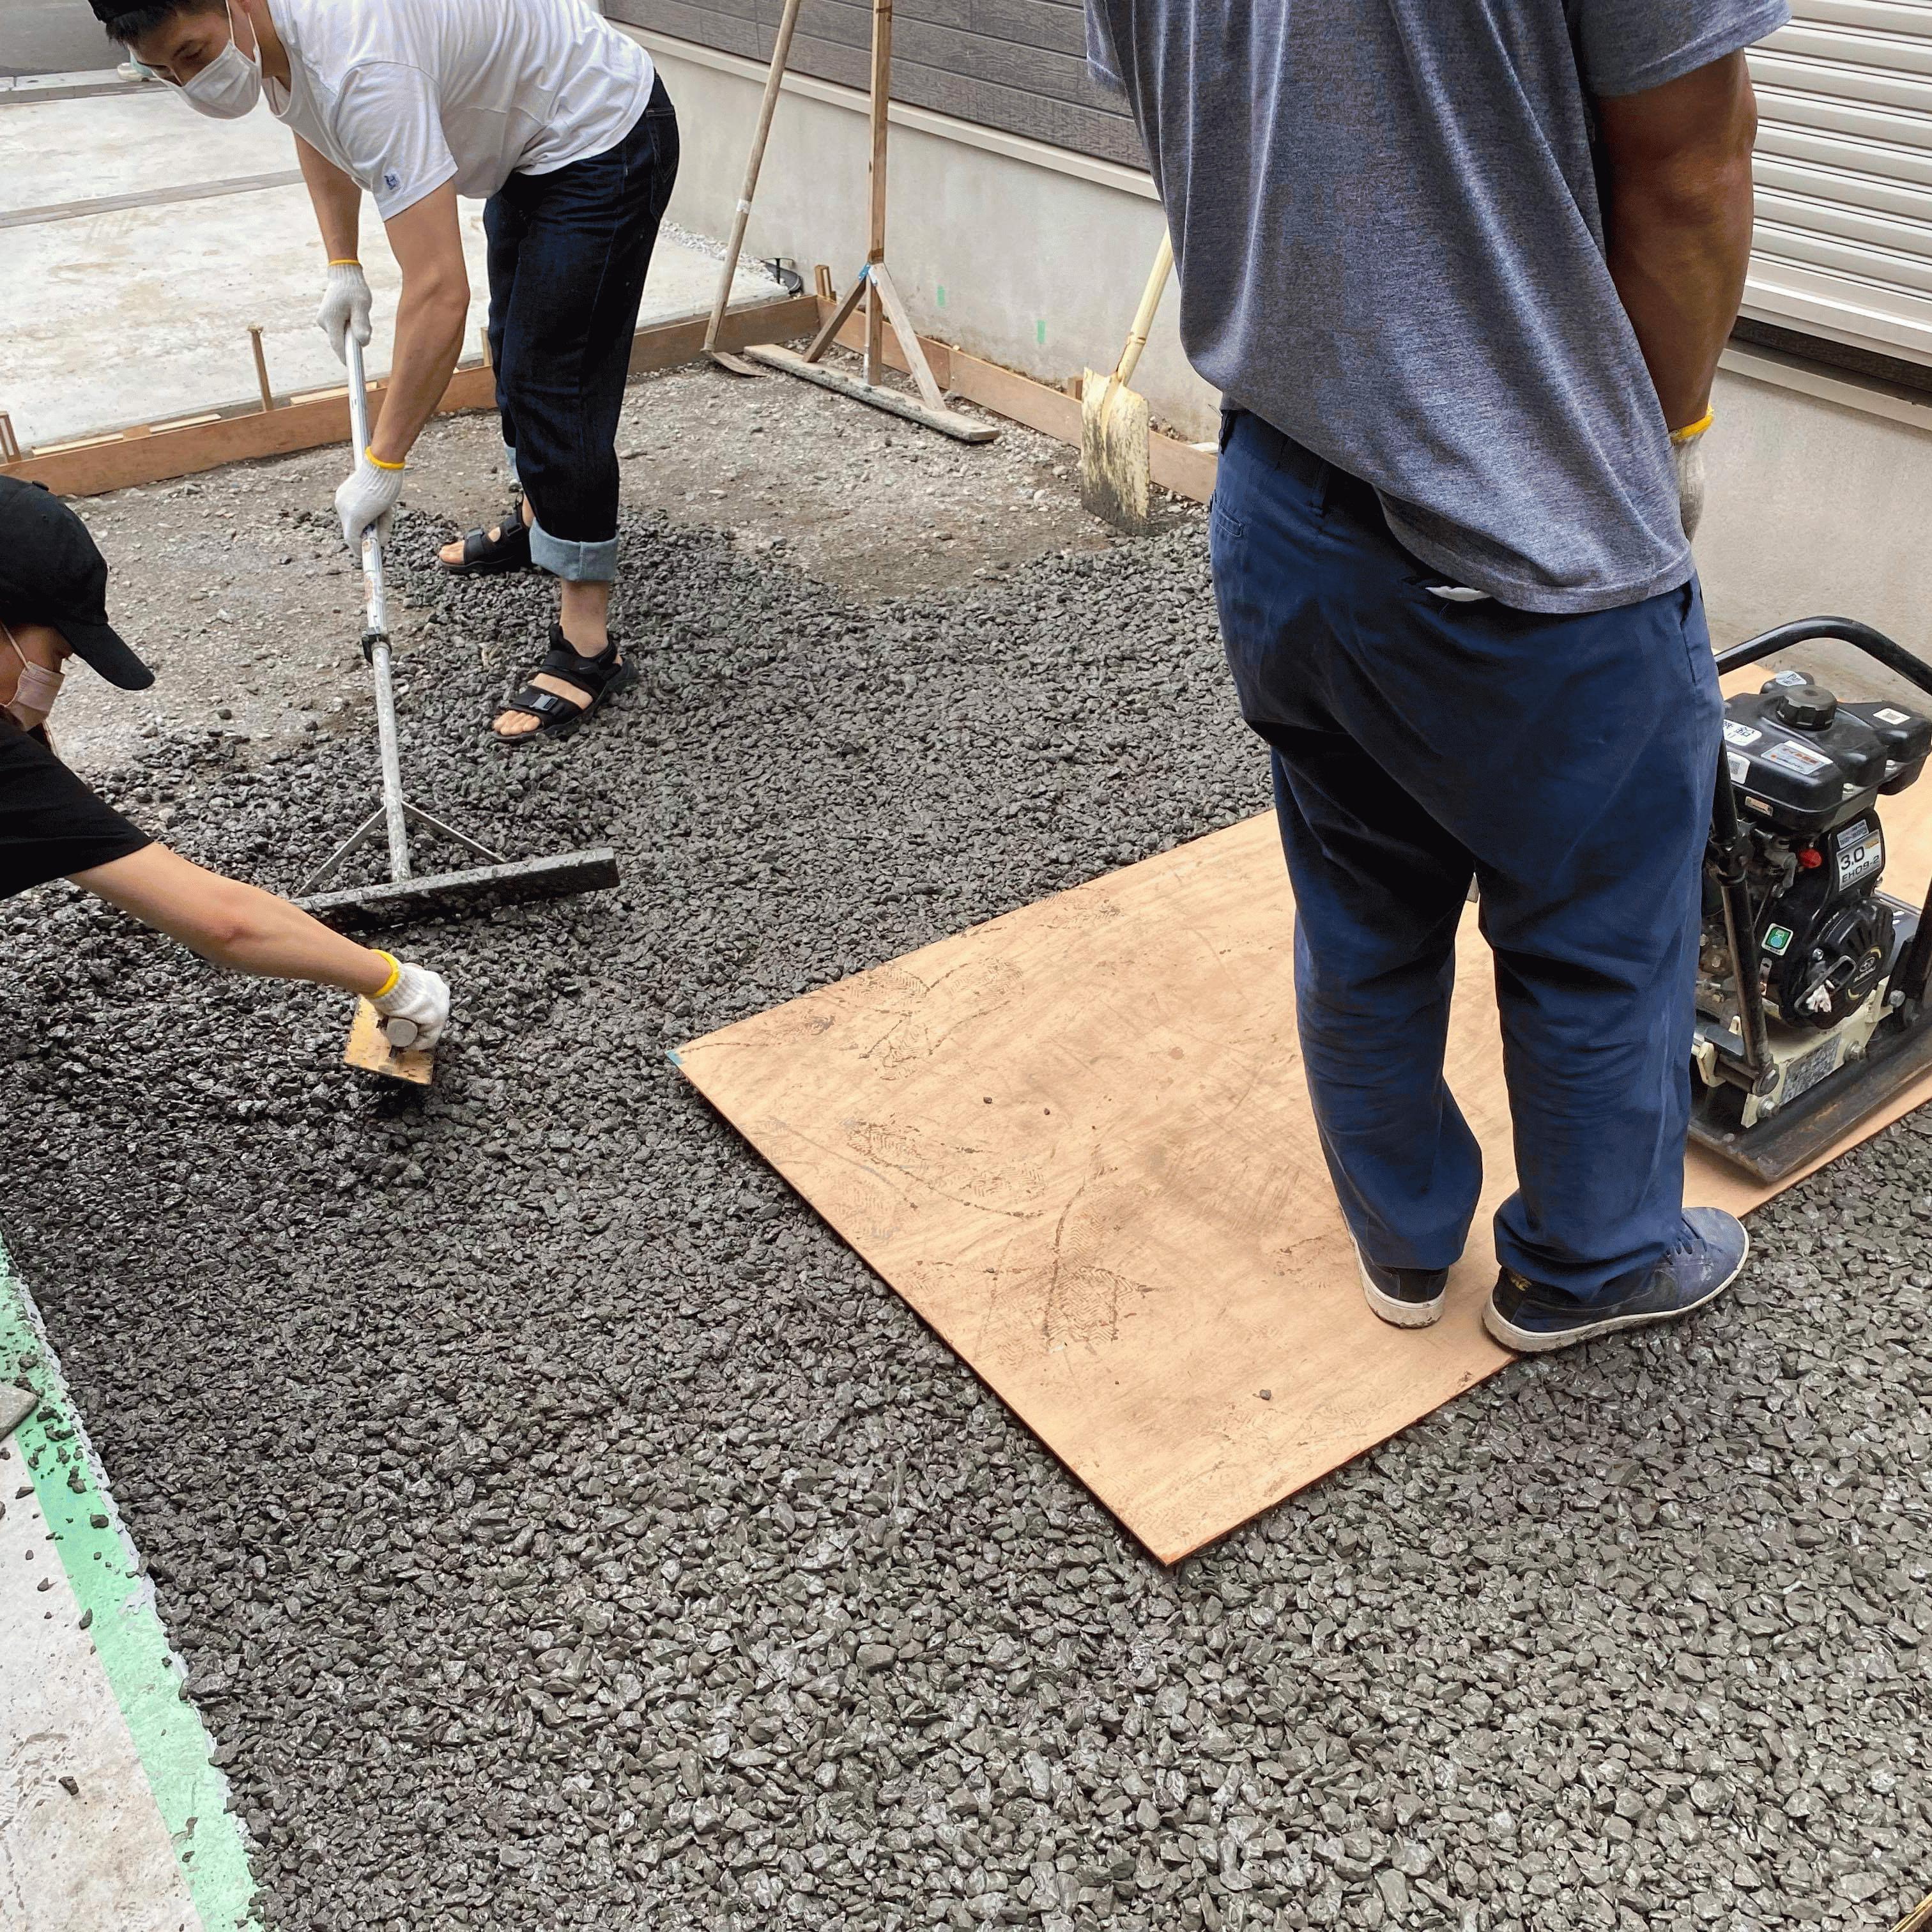 【東京】「土間コンの2倍から3倍の価格」「へ?最近のDIYerさんはサンダルで施工できるほど簡単なのにですか?」都屋建材